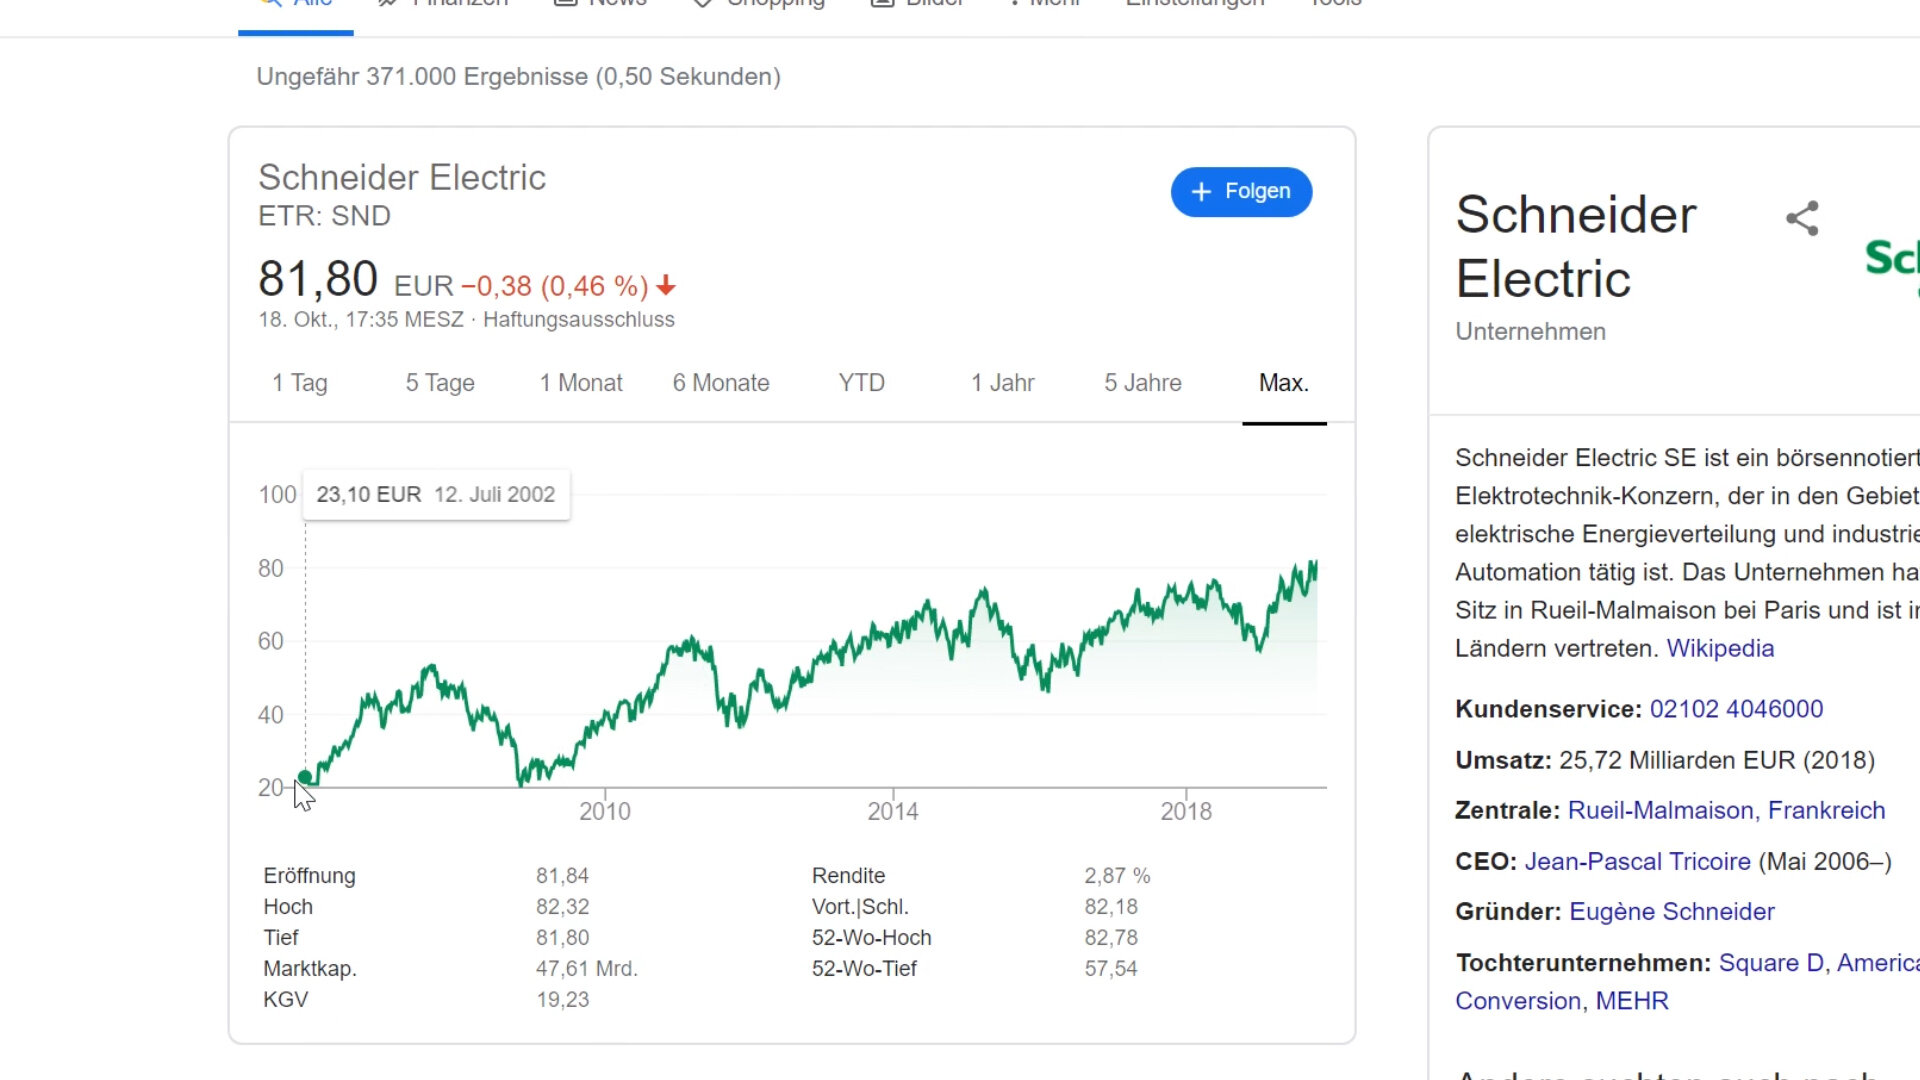 Kursentwicklung Schneider Electric 2002 - 2019